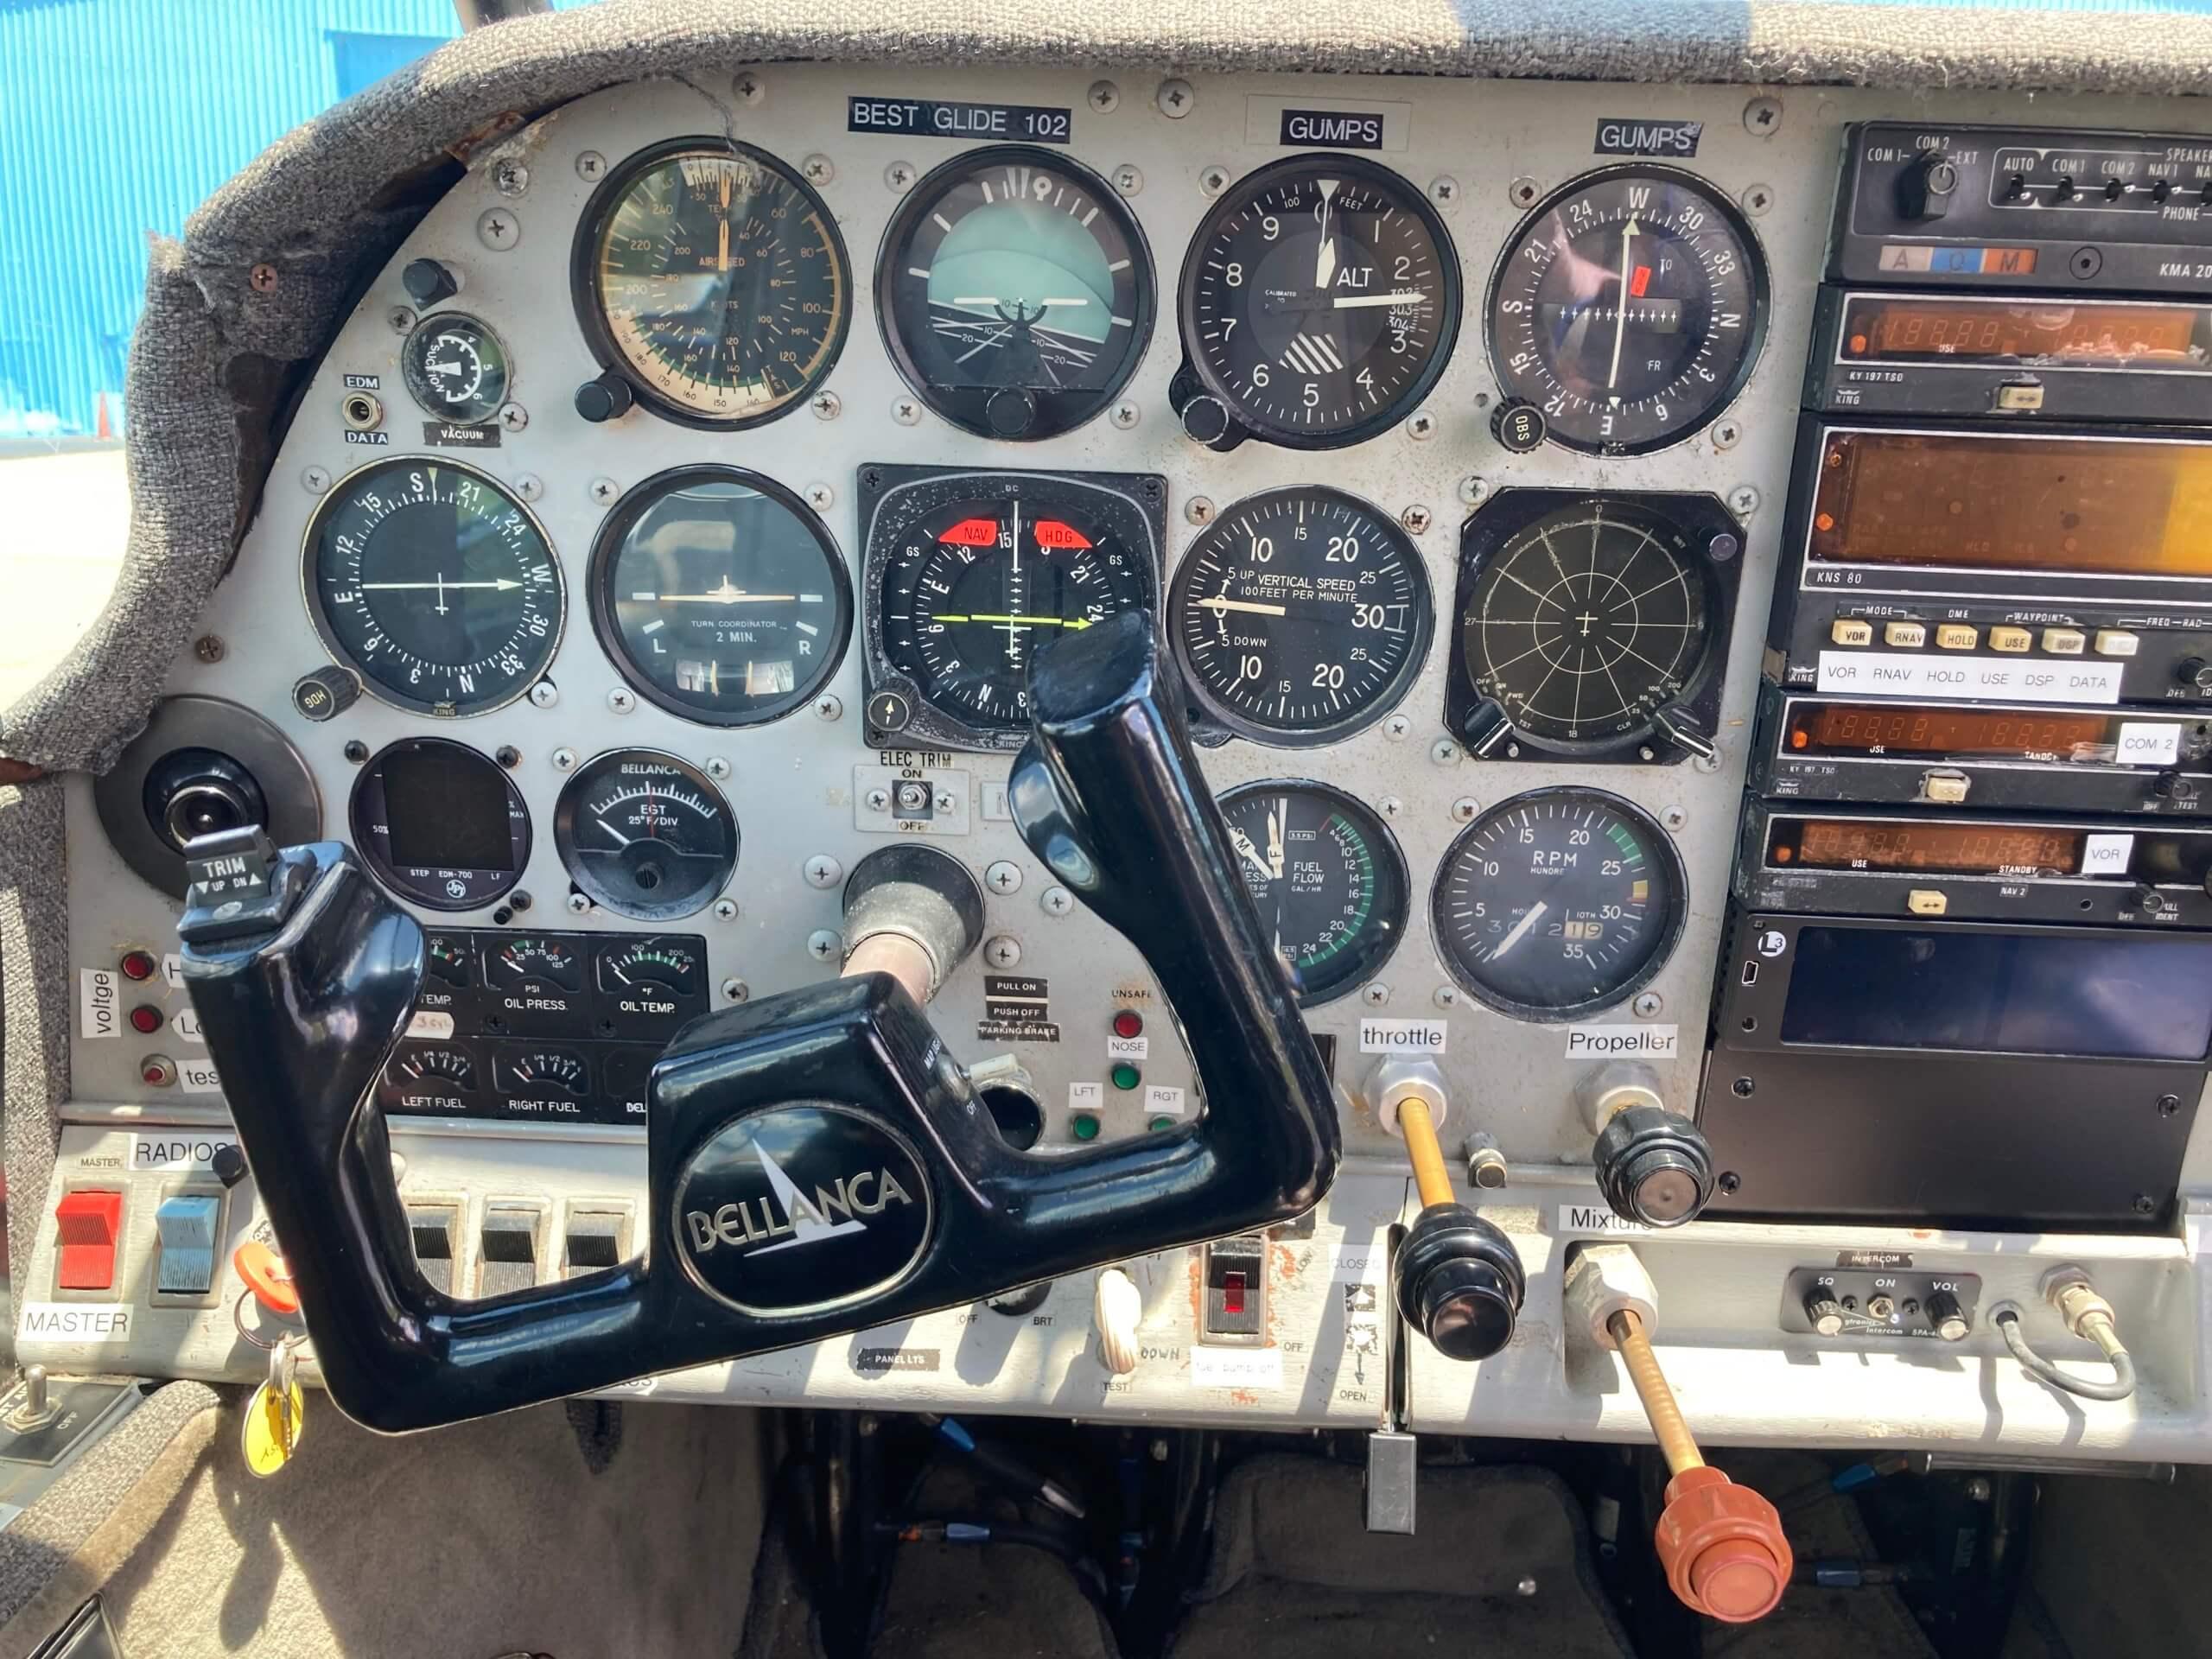 1979 Bellanca Super Viking FOR SALE at Princeton Airport